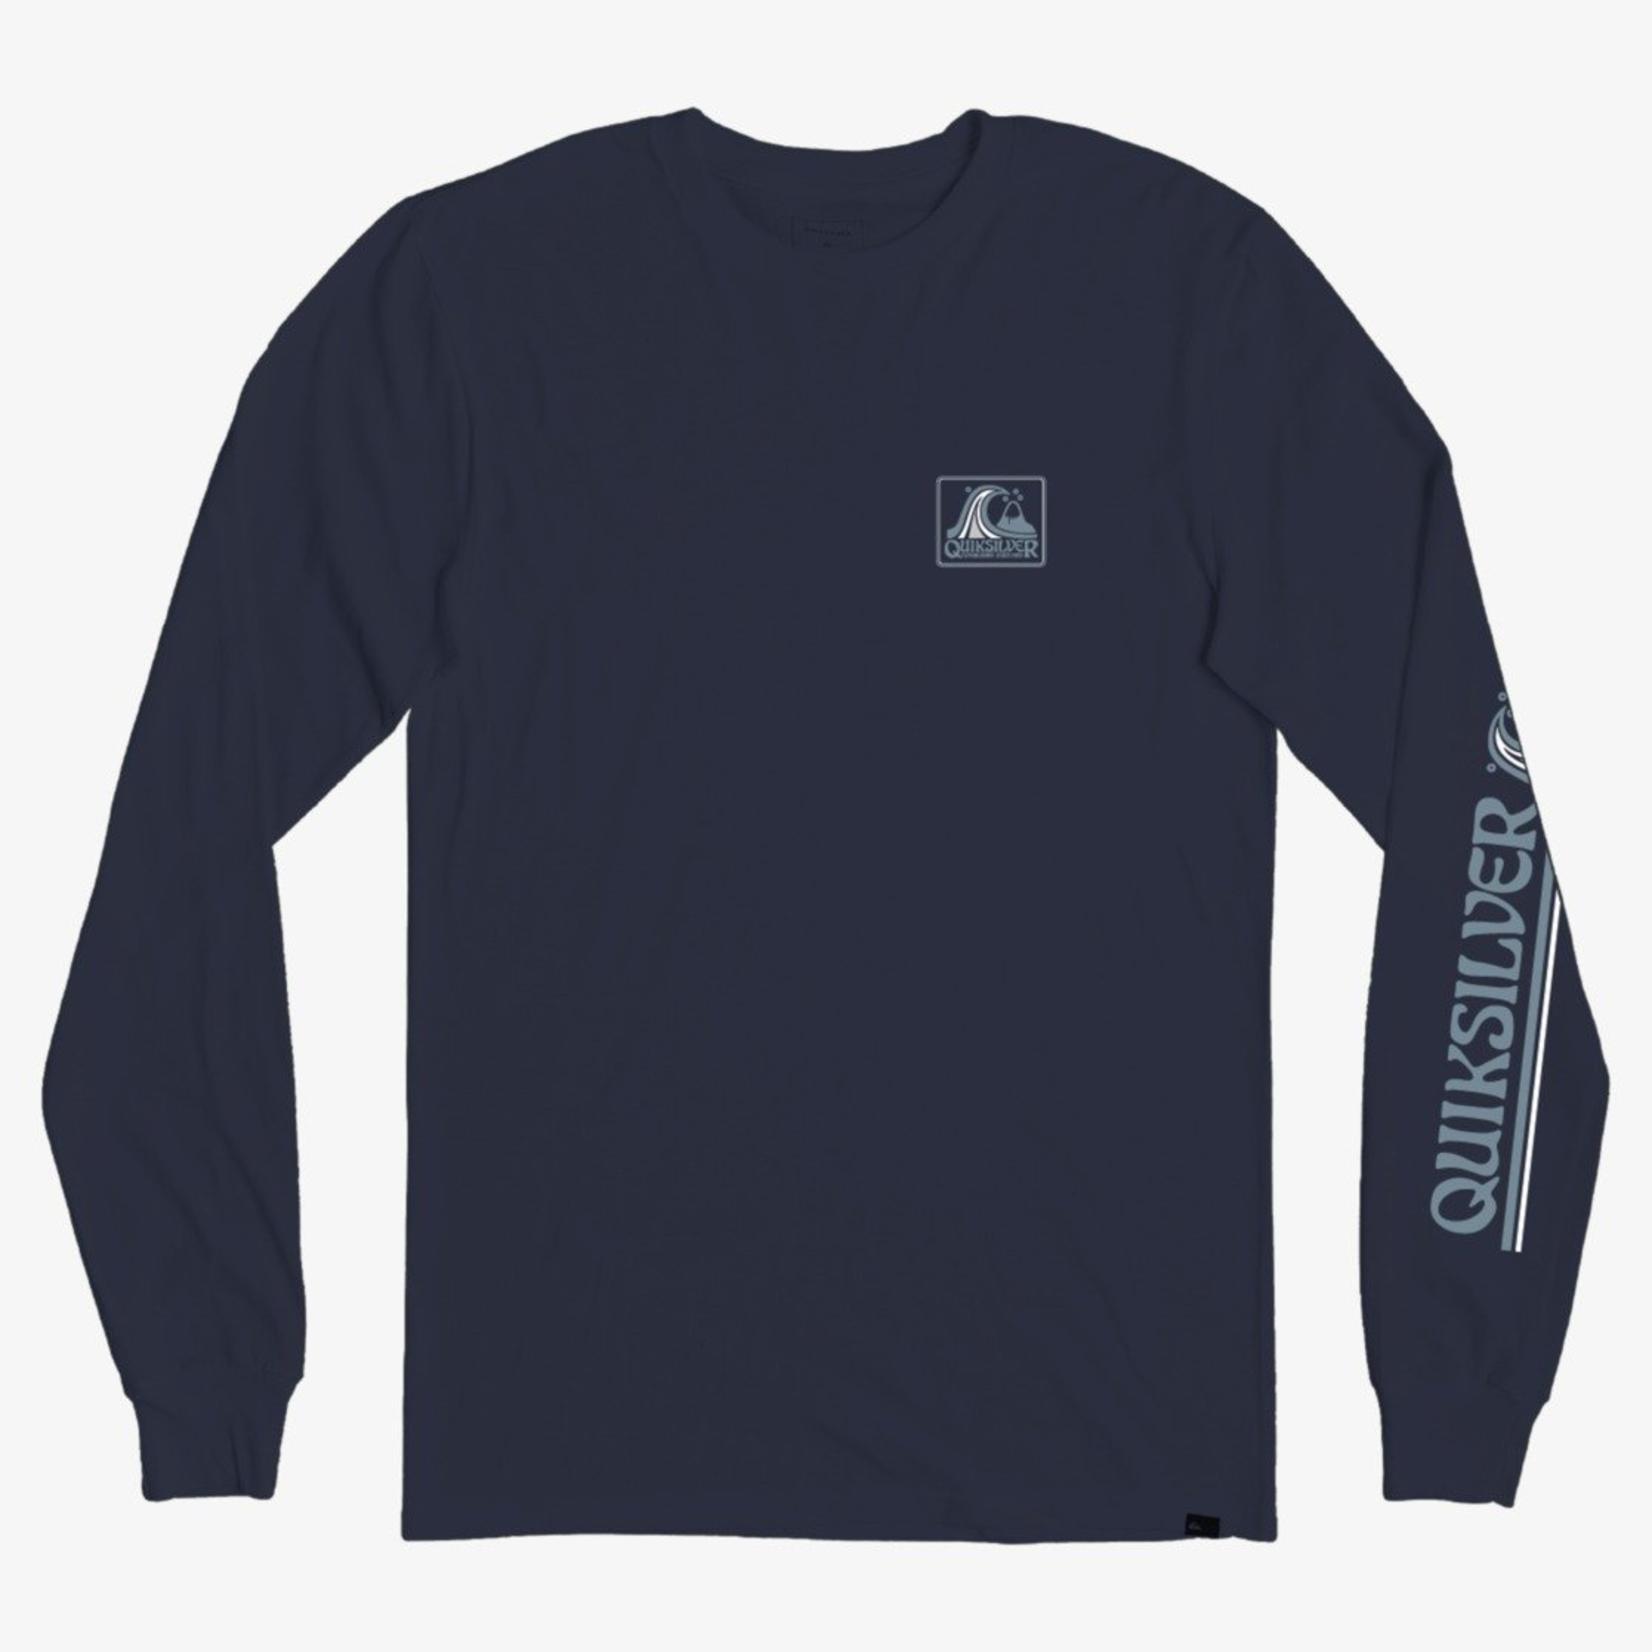 Quiksilver Quiksilver Seaquest LS T-Shirt